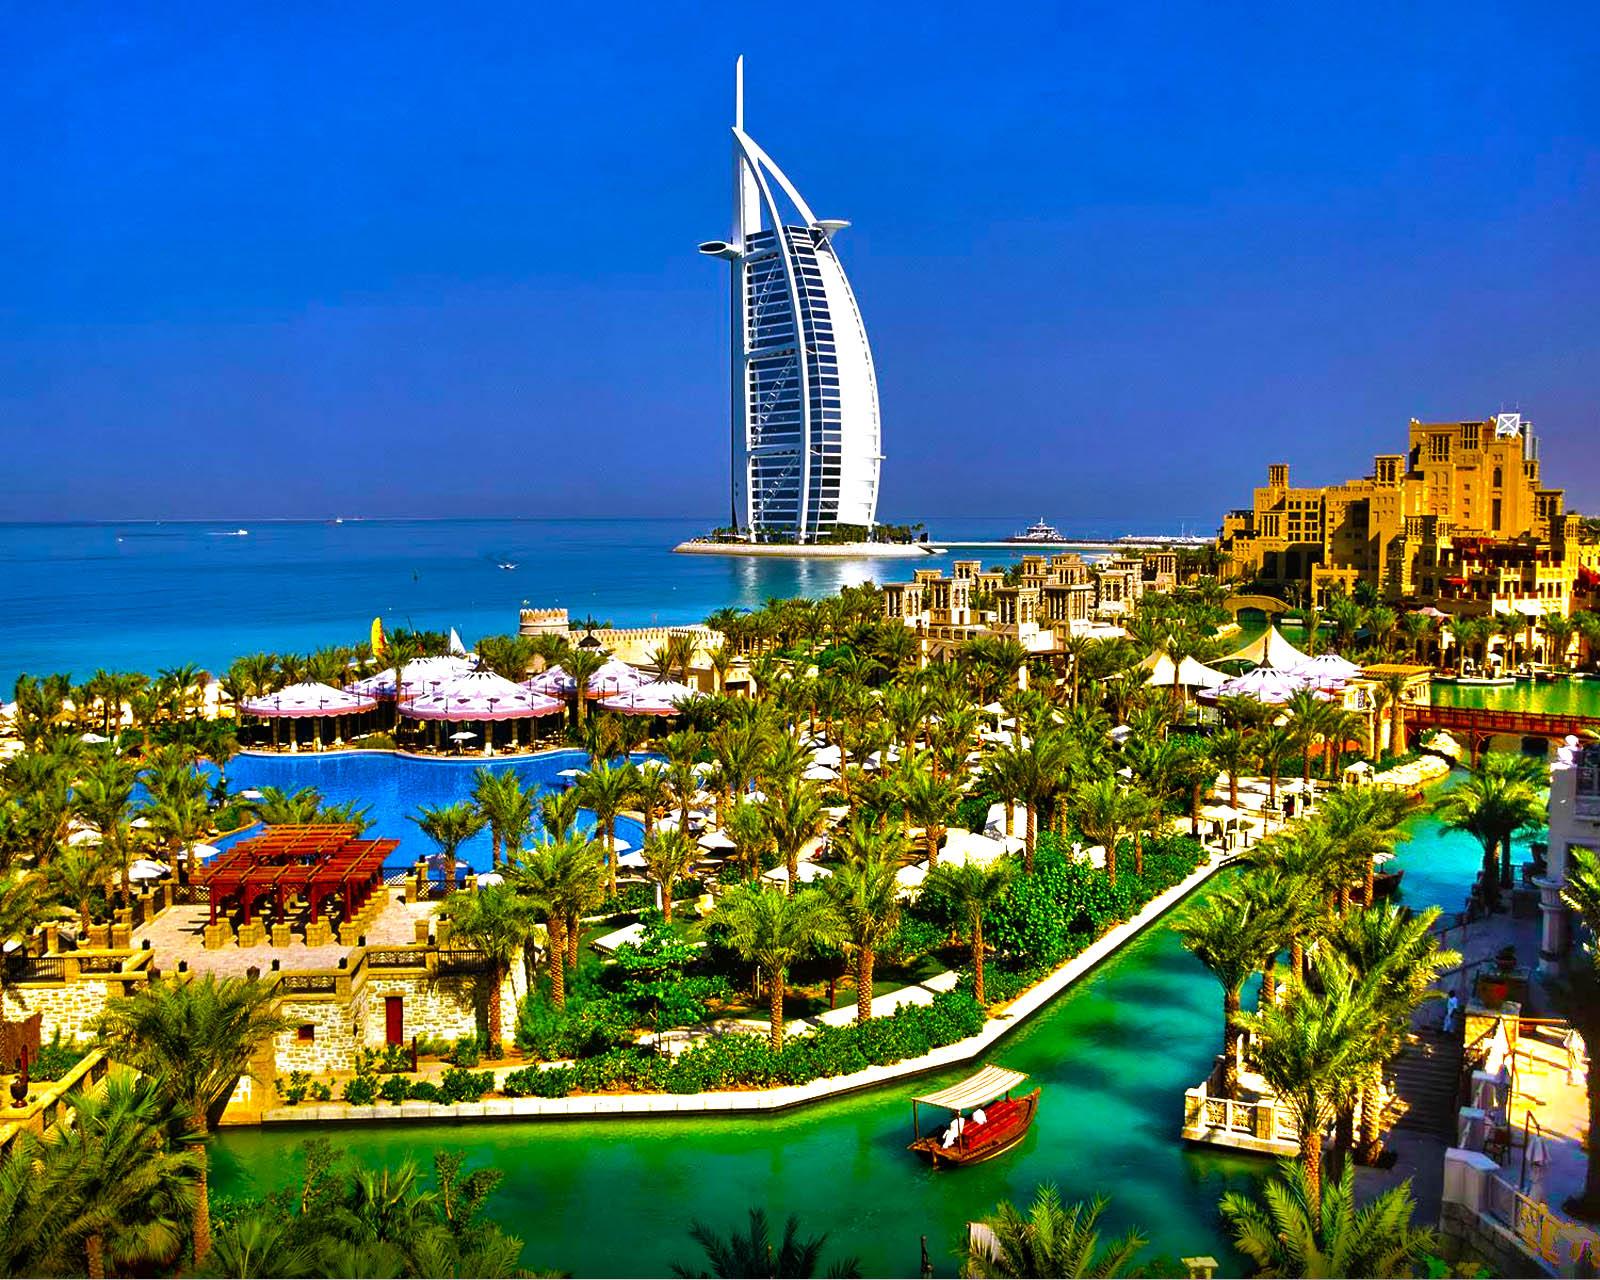 Description Dreamy Dubai Wallpaper is a hi res Wallpaper for pc 1600x1280